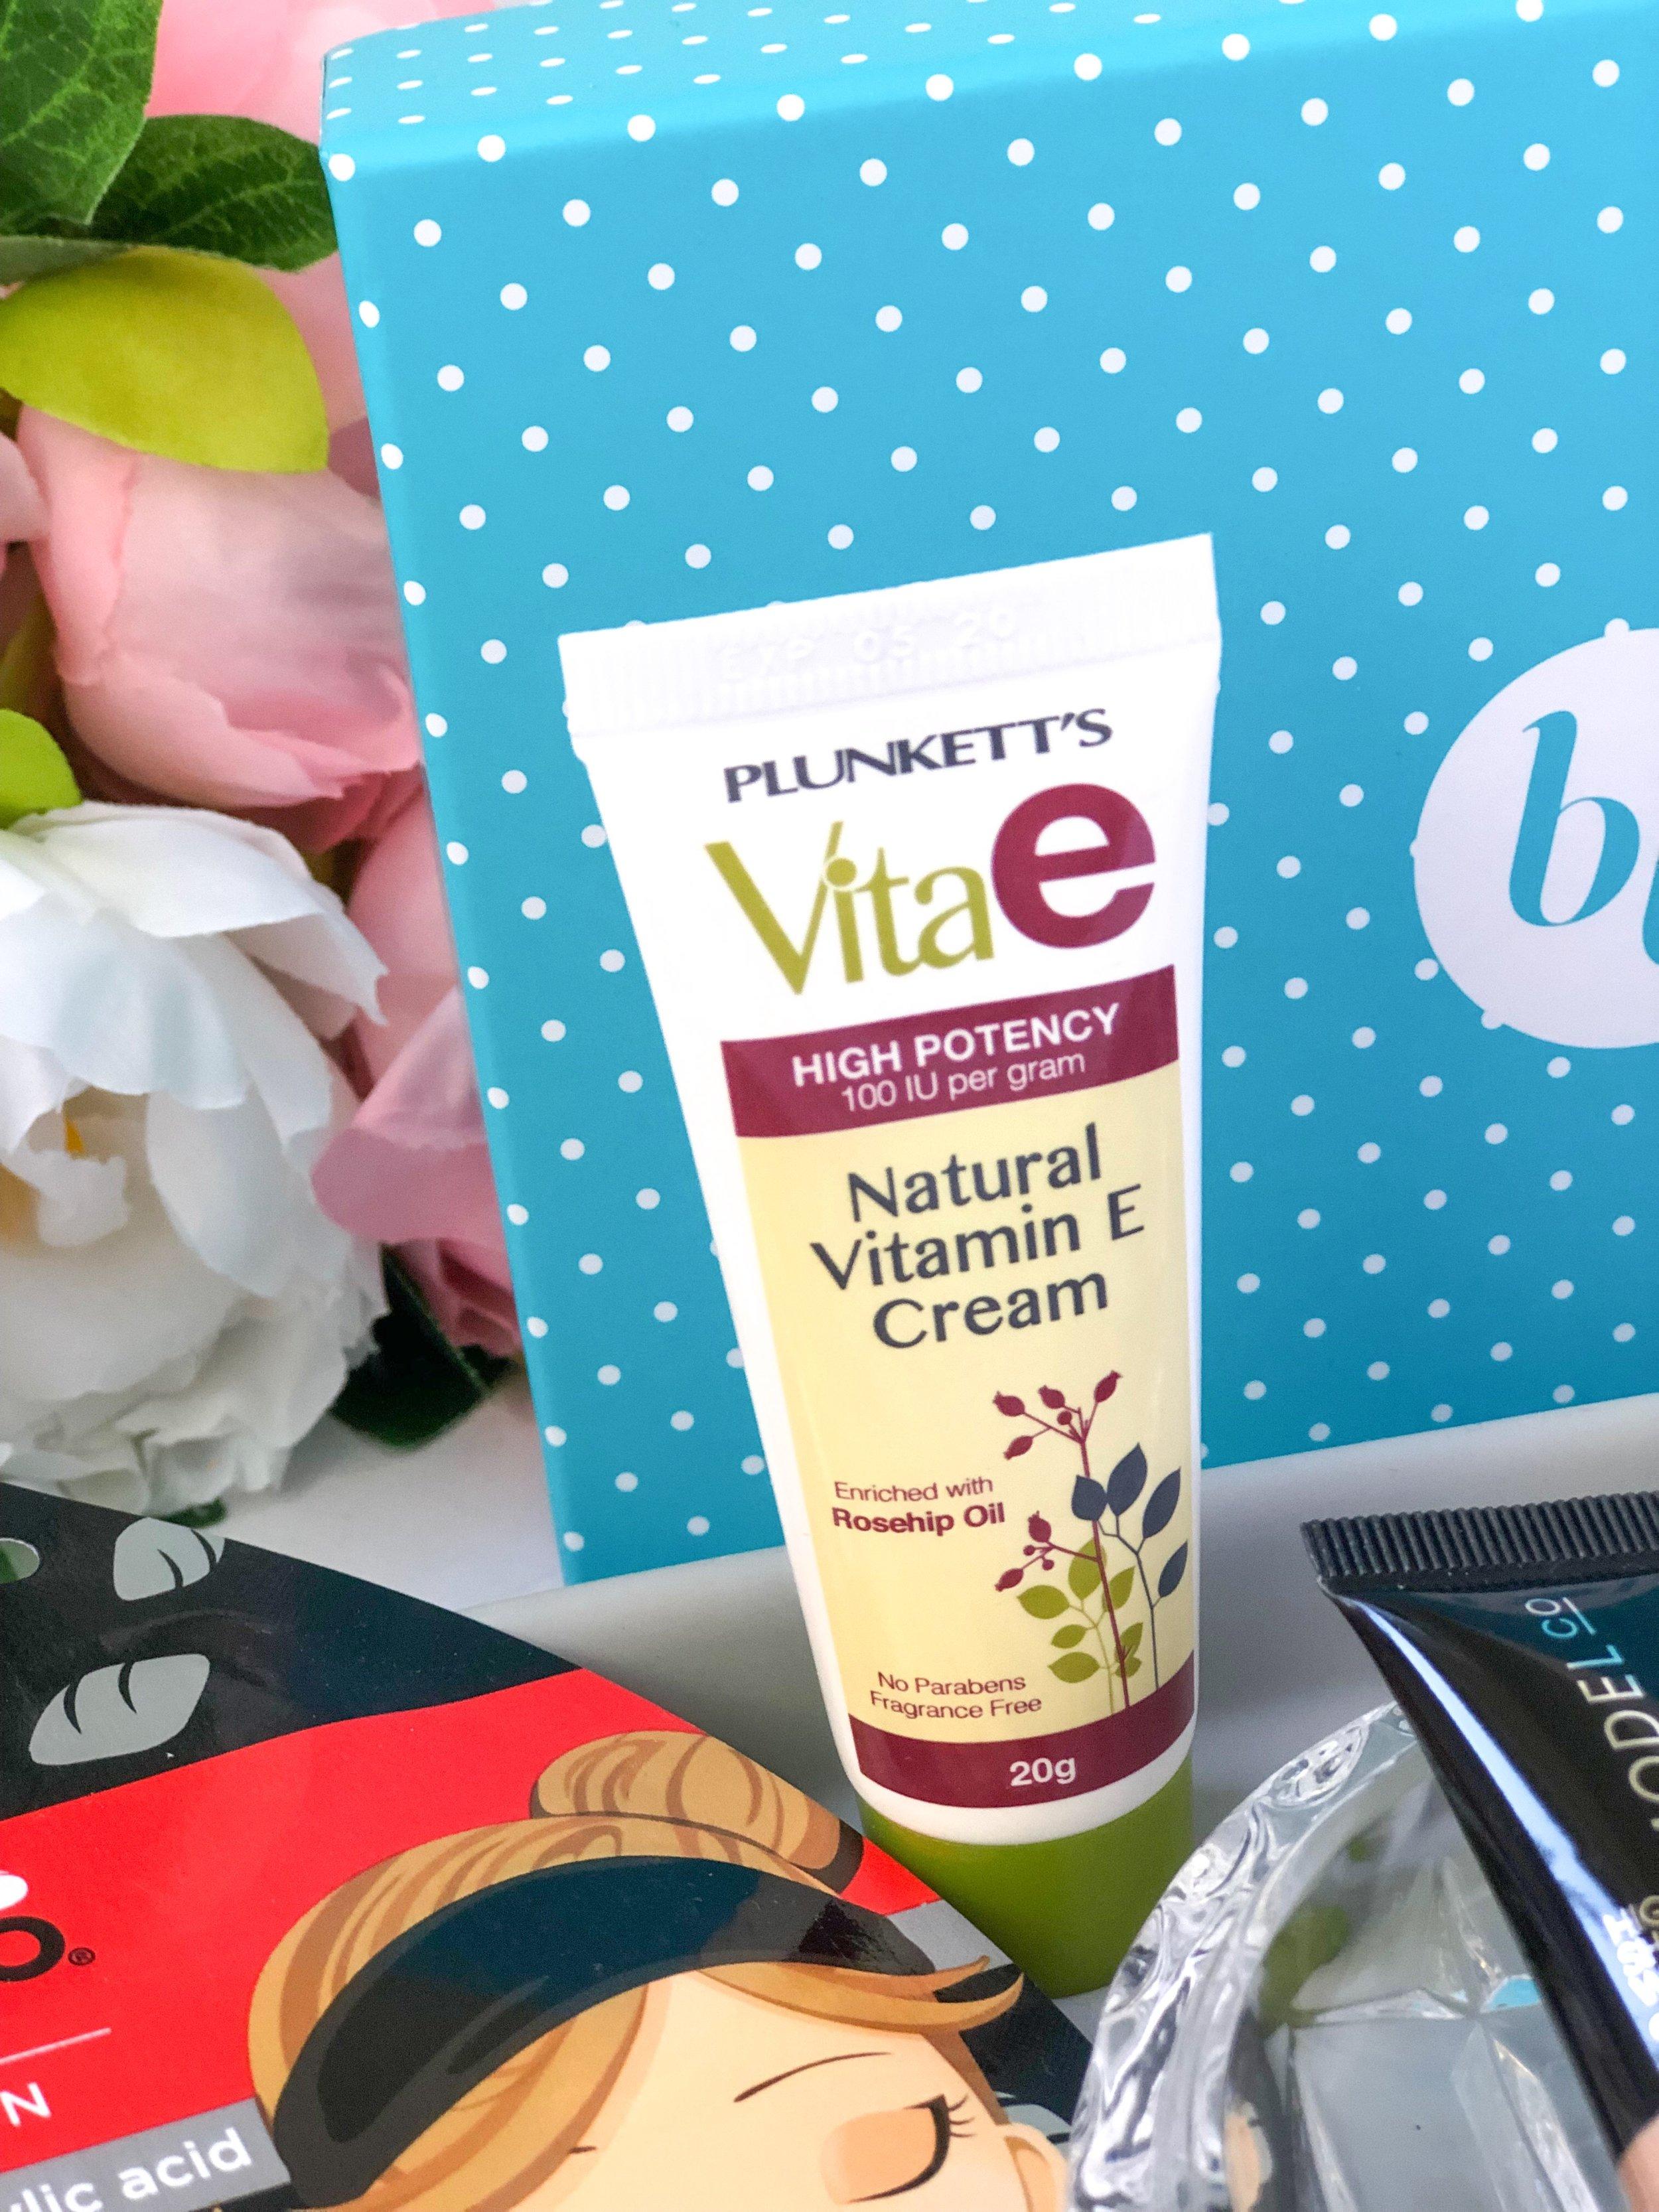 Plunketts Vitamin E Cream.jpg